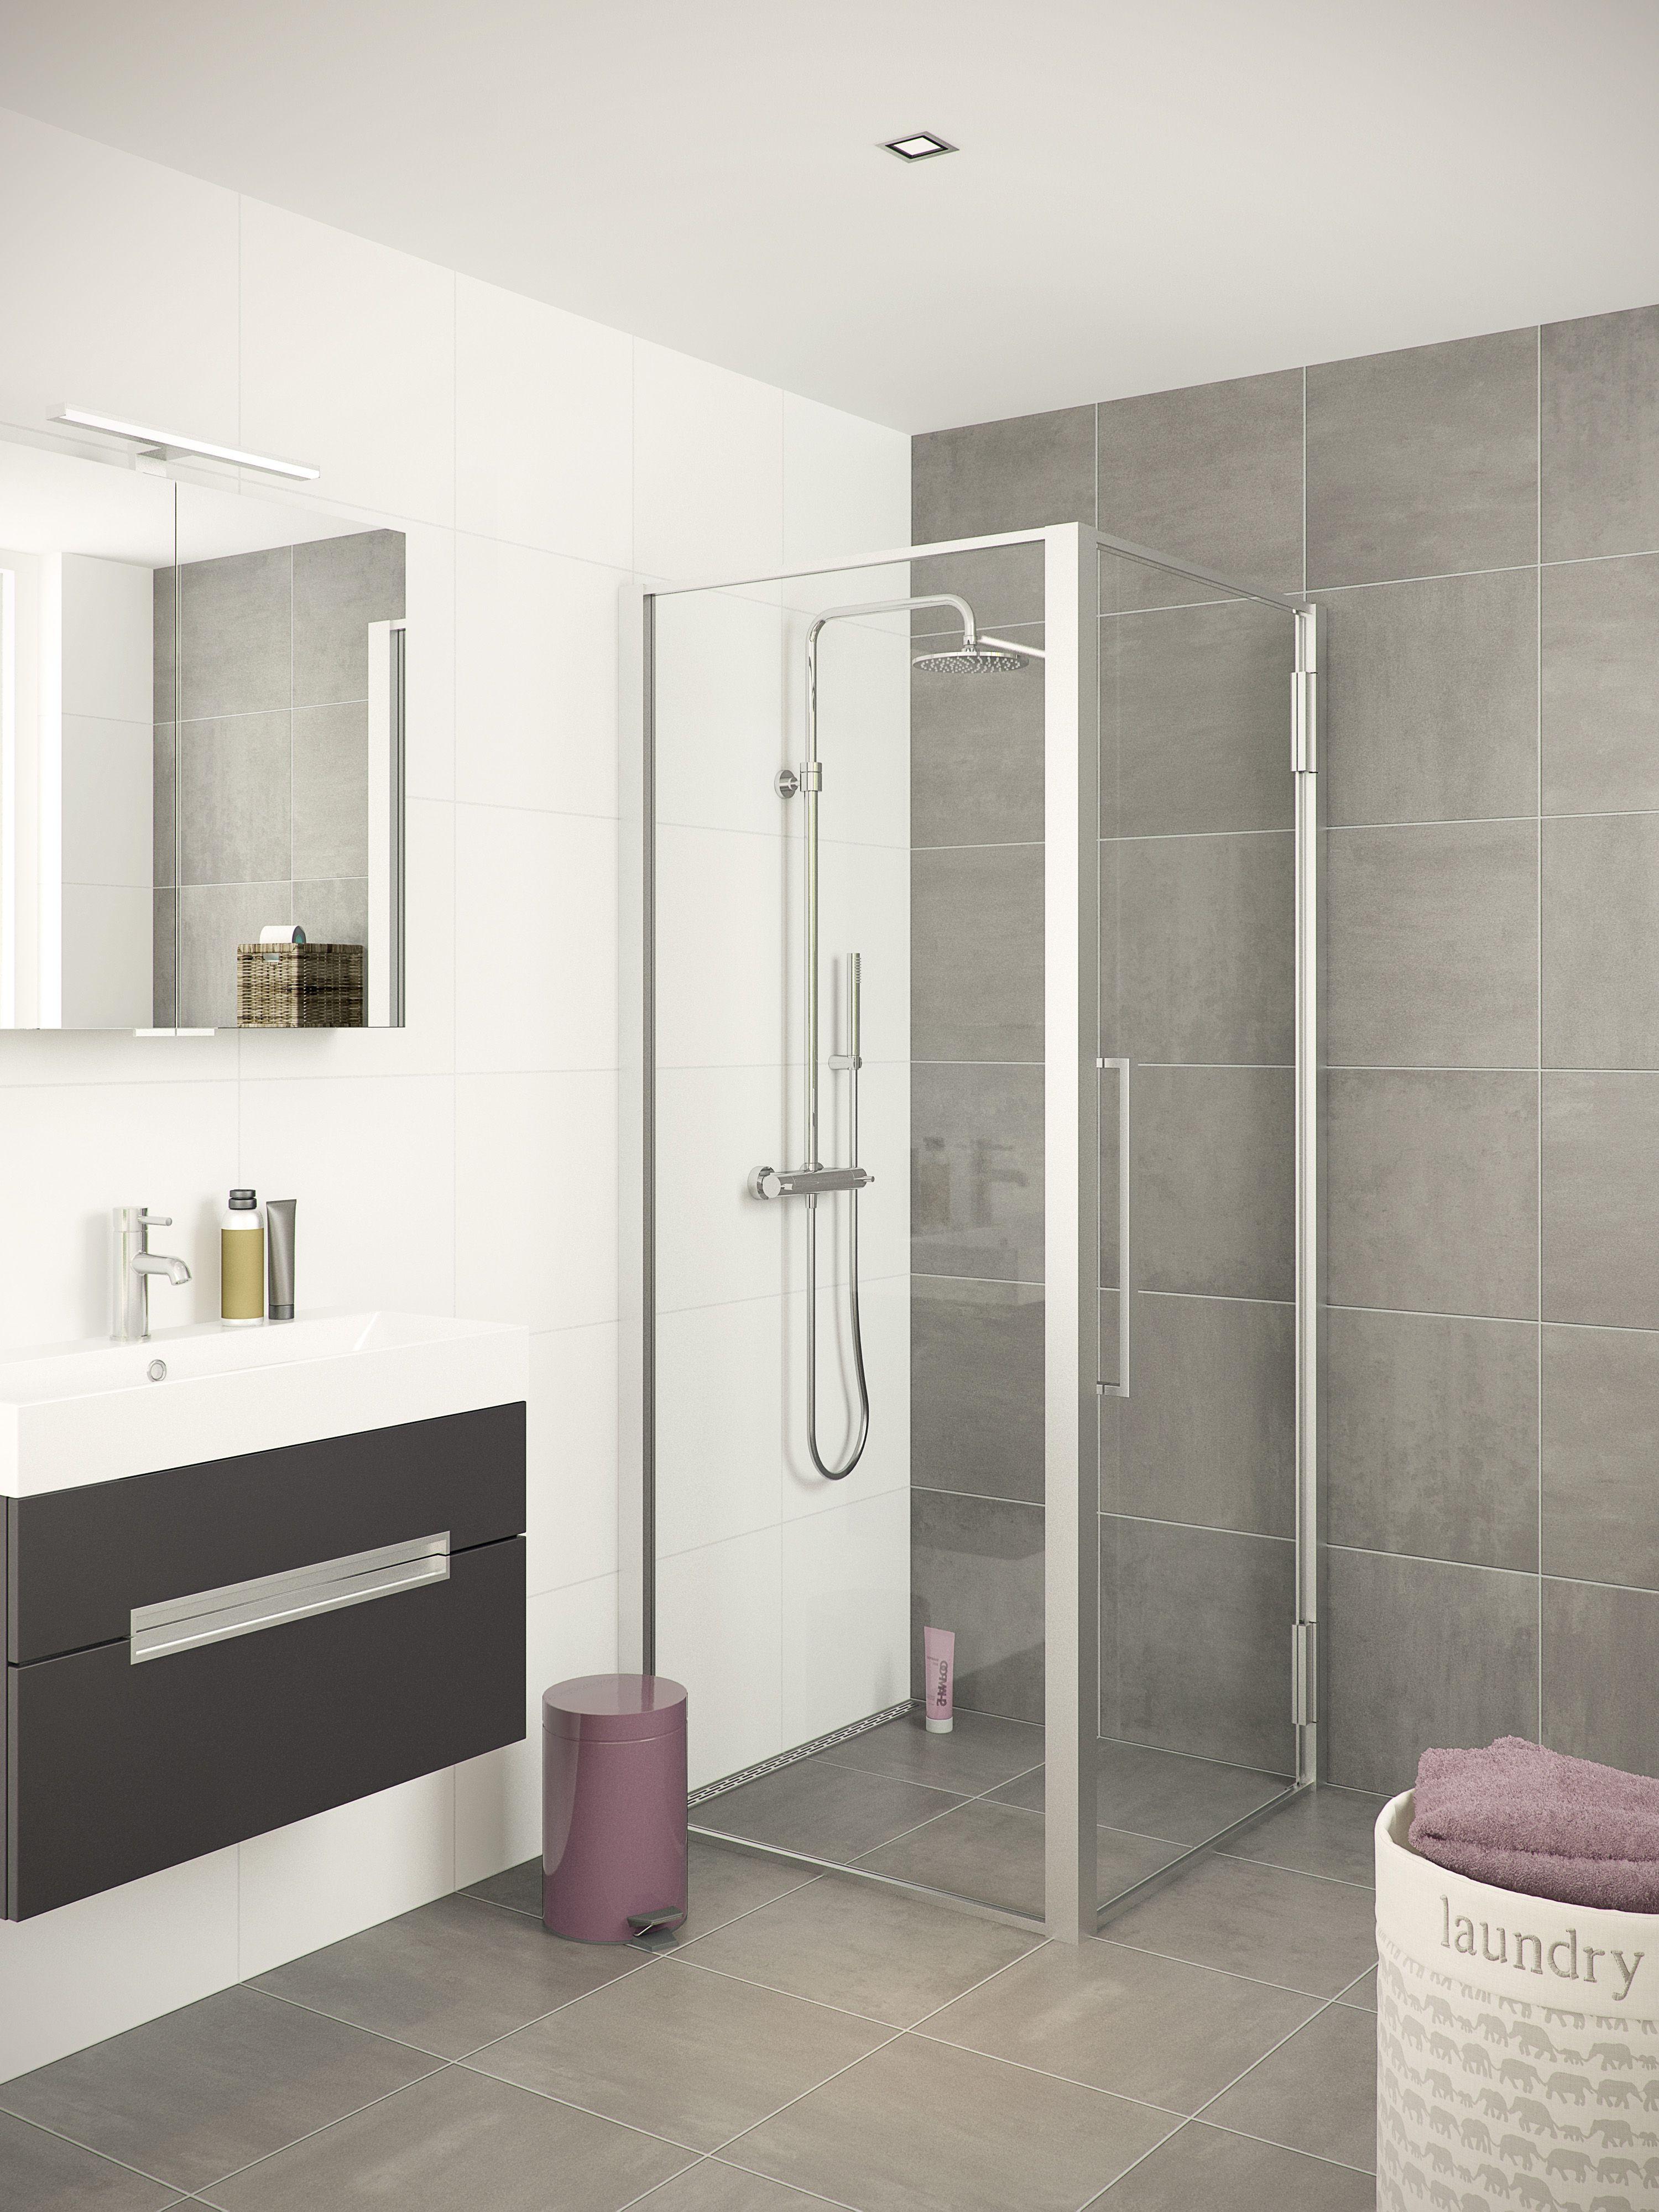 Bruynzeel Zeta douchecabine / badkamer idee / salle de bains ...